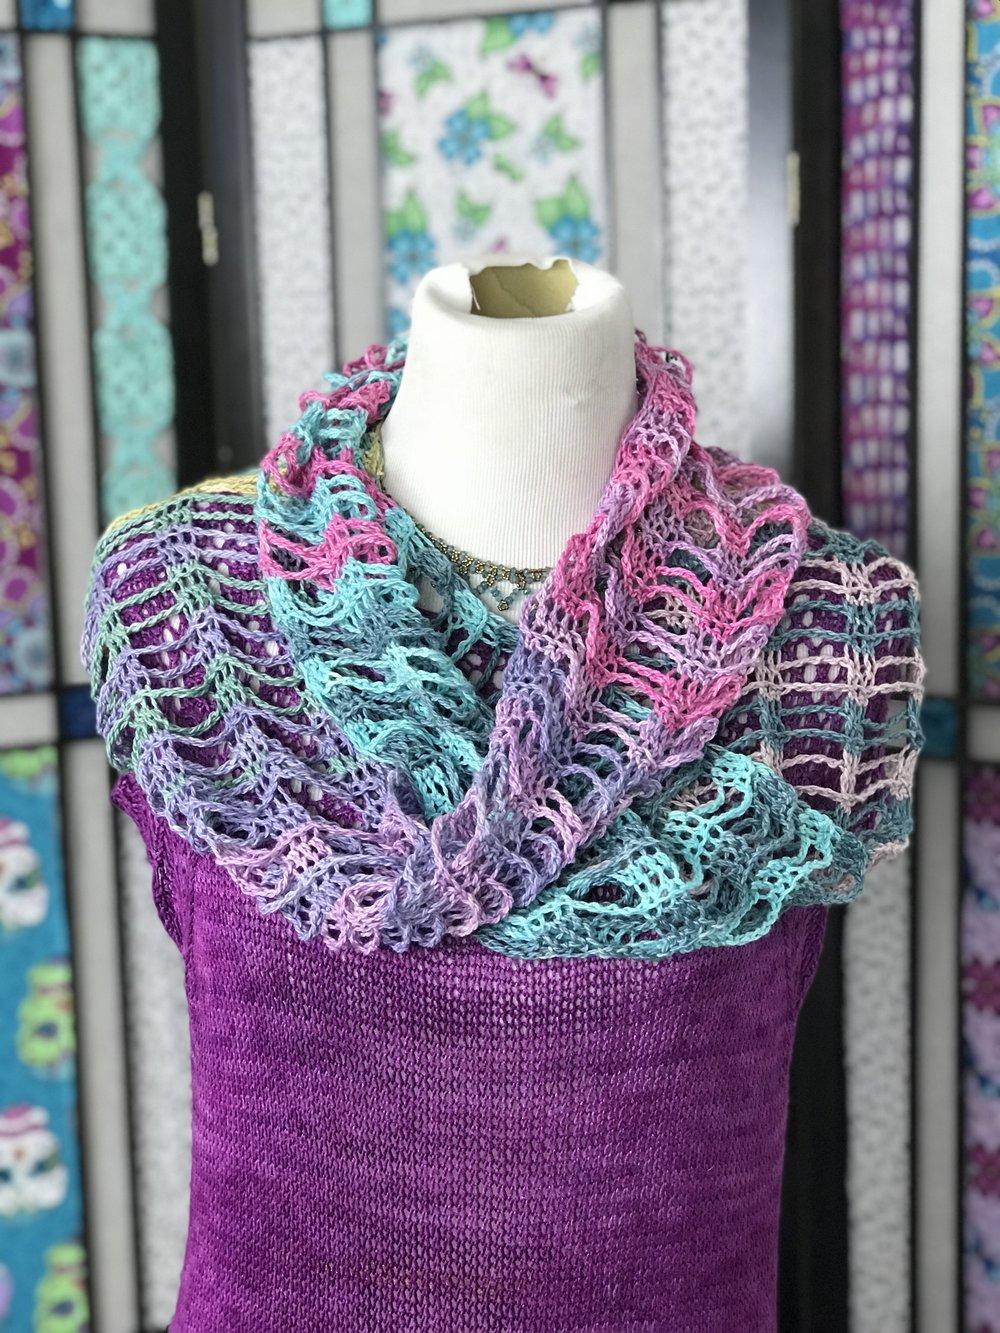 Serene Sampler Crochet Mobius/Cowl Free Crochet Pattern — Kristin Omdahl